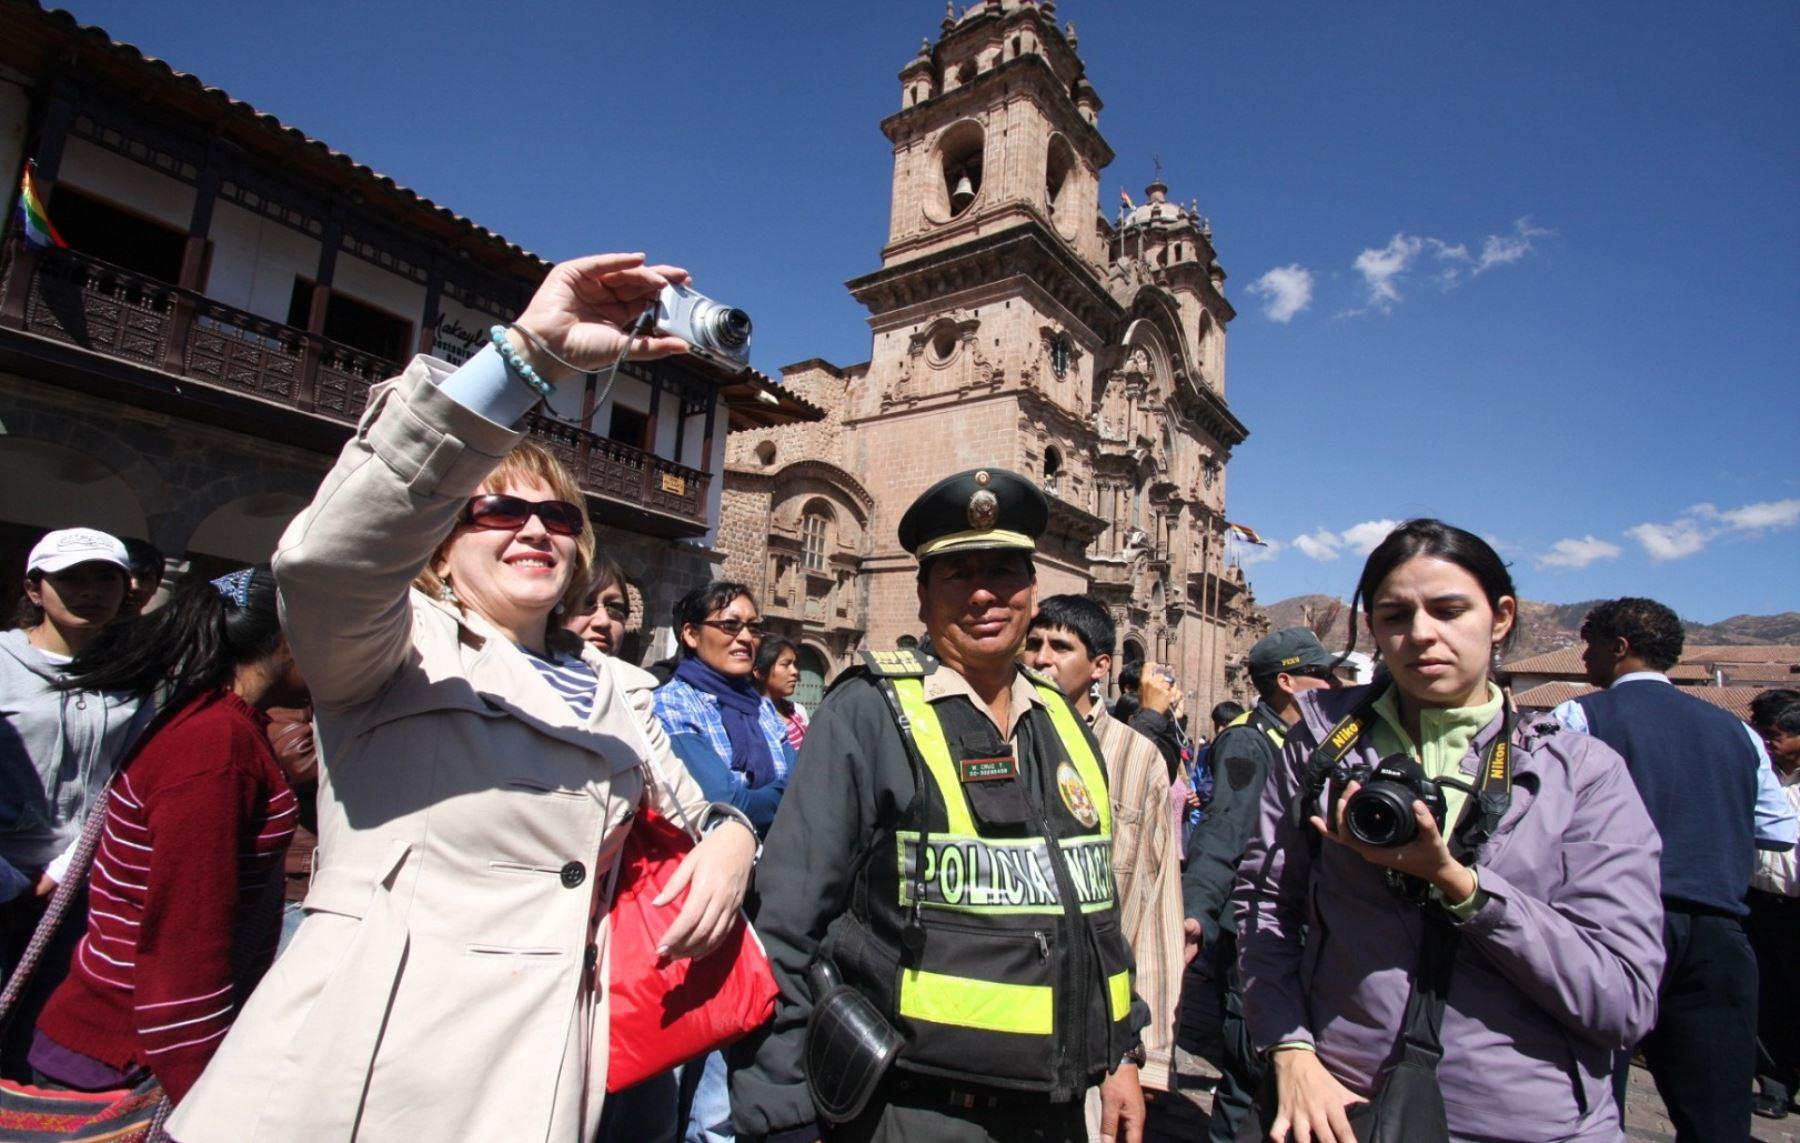 La Policía garantiza la seguridad de los turistas que visiten Cusco durante su mes jubilar. ANDINA/Percy Hurtado